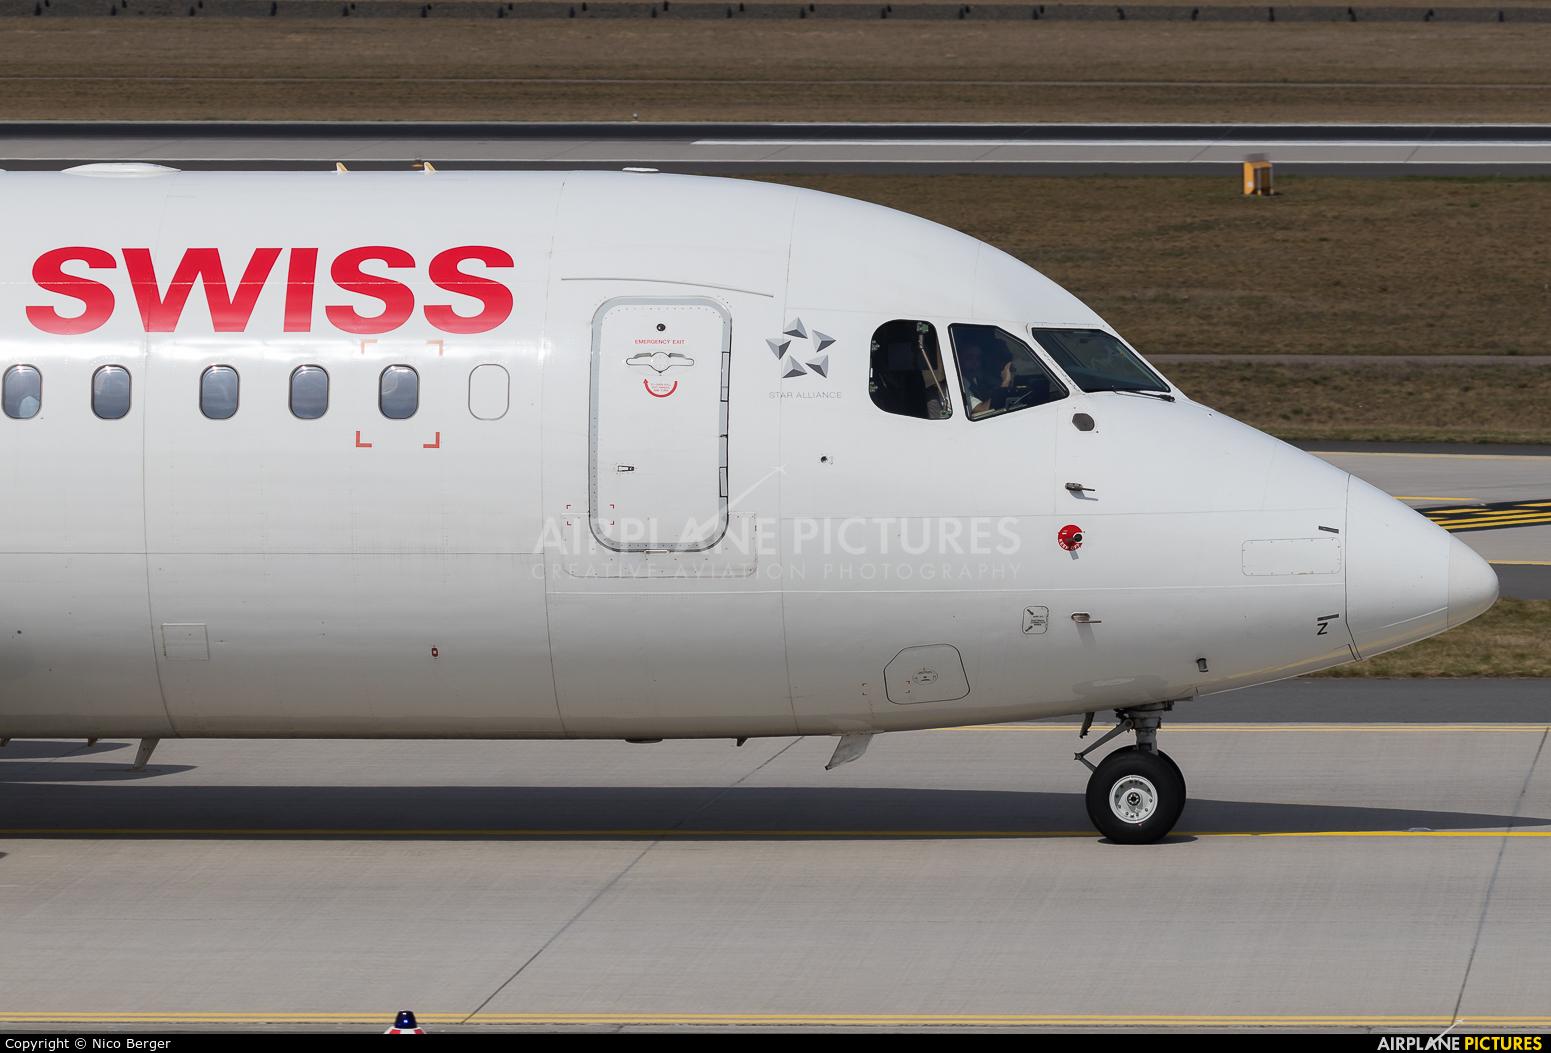 Swiss HB-IYZ aircraft at Frankfurt